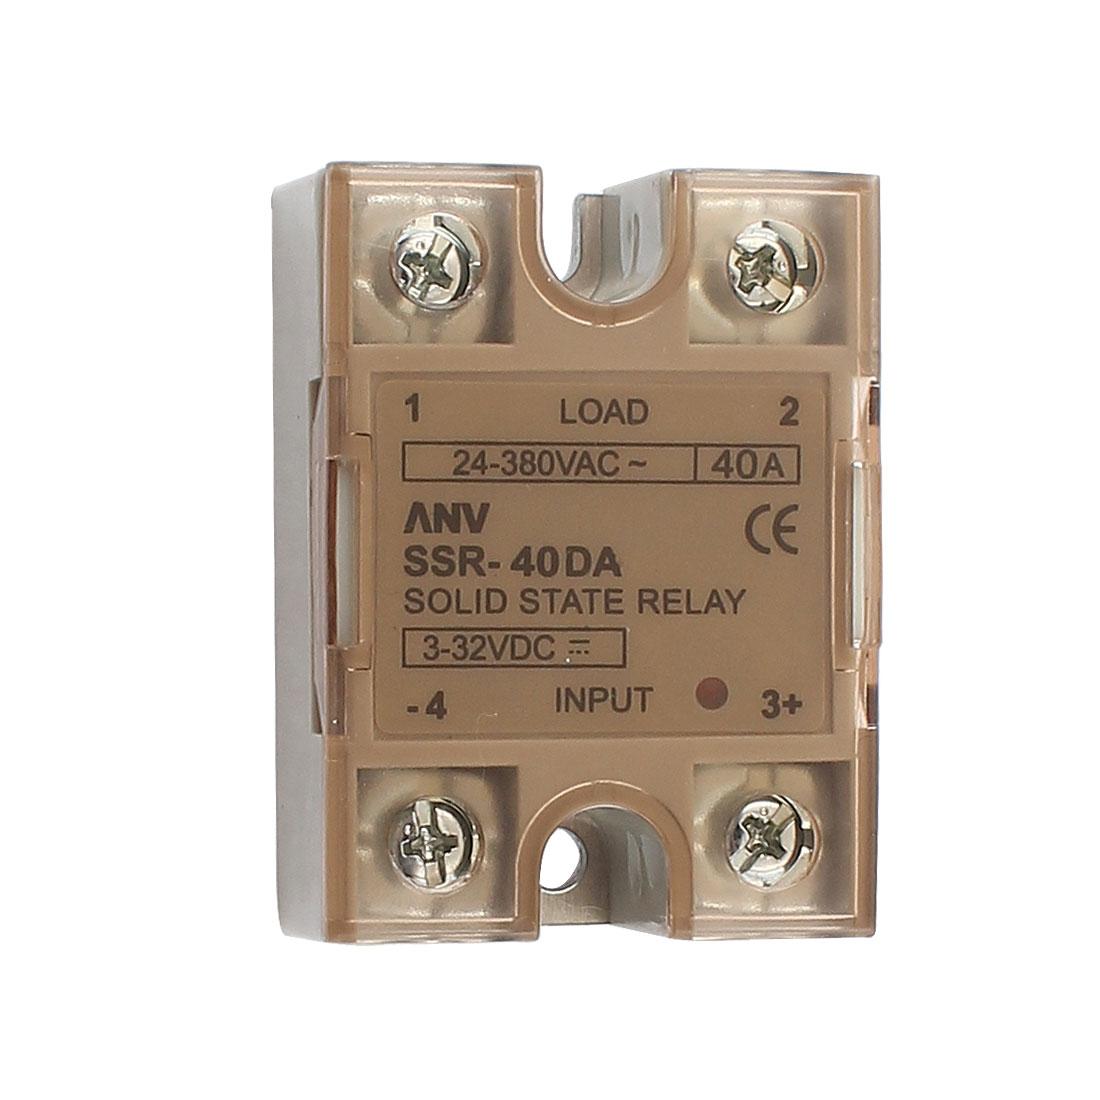 Solid State Relay Module ANV SSR-40DA DC-AC 25A 3-32VDC/24-380VAC